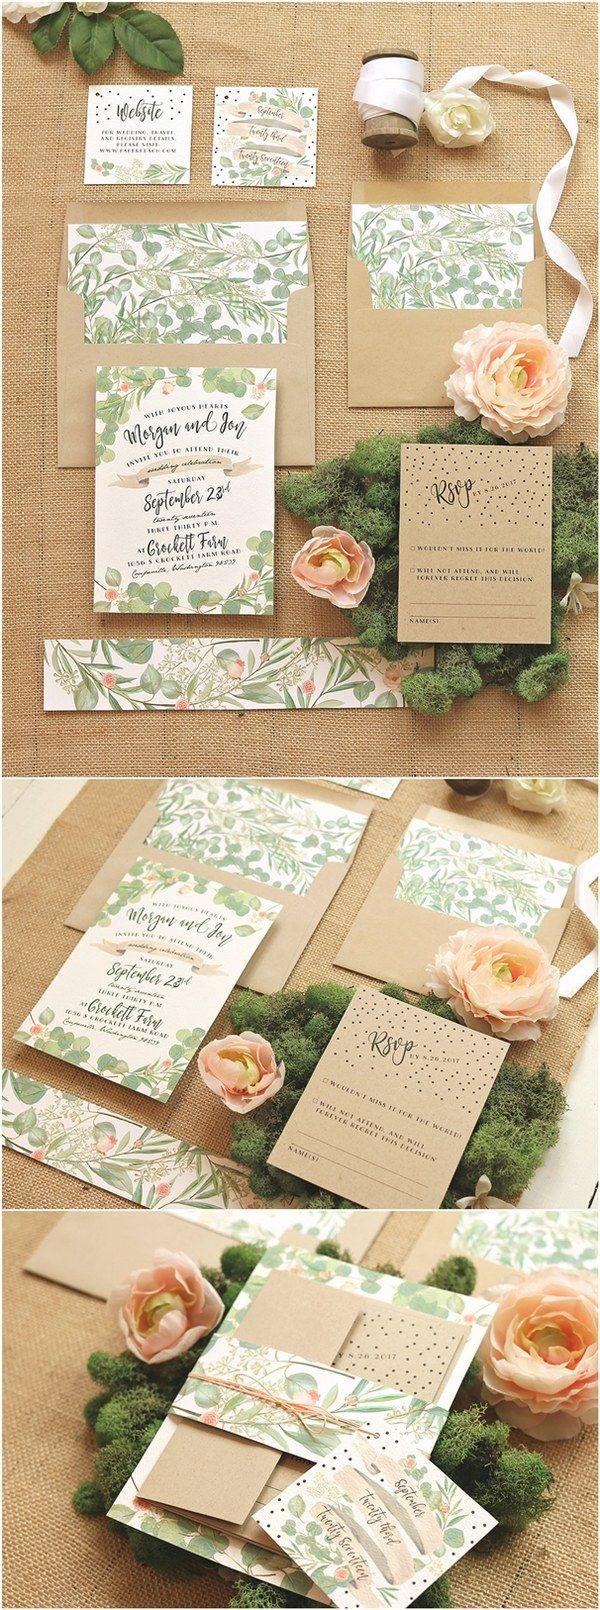 20 Chic Wedding Invitations found on Etsy | Wedding invitation ...